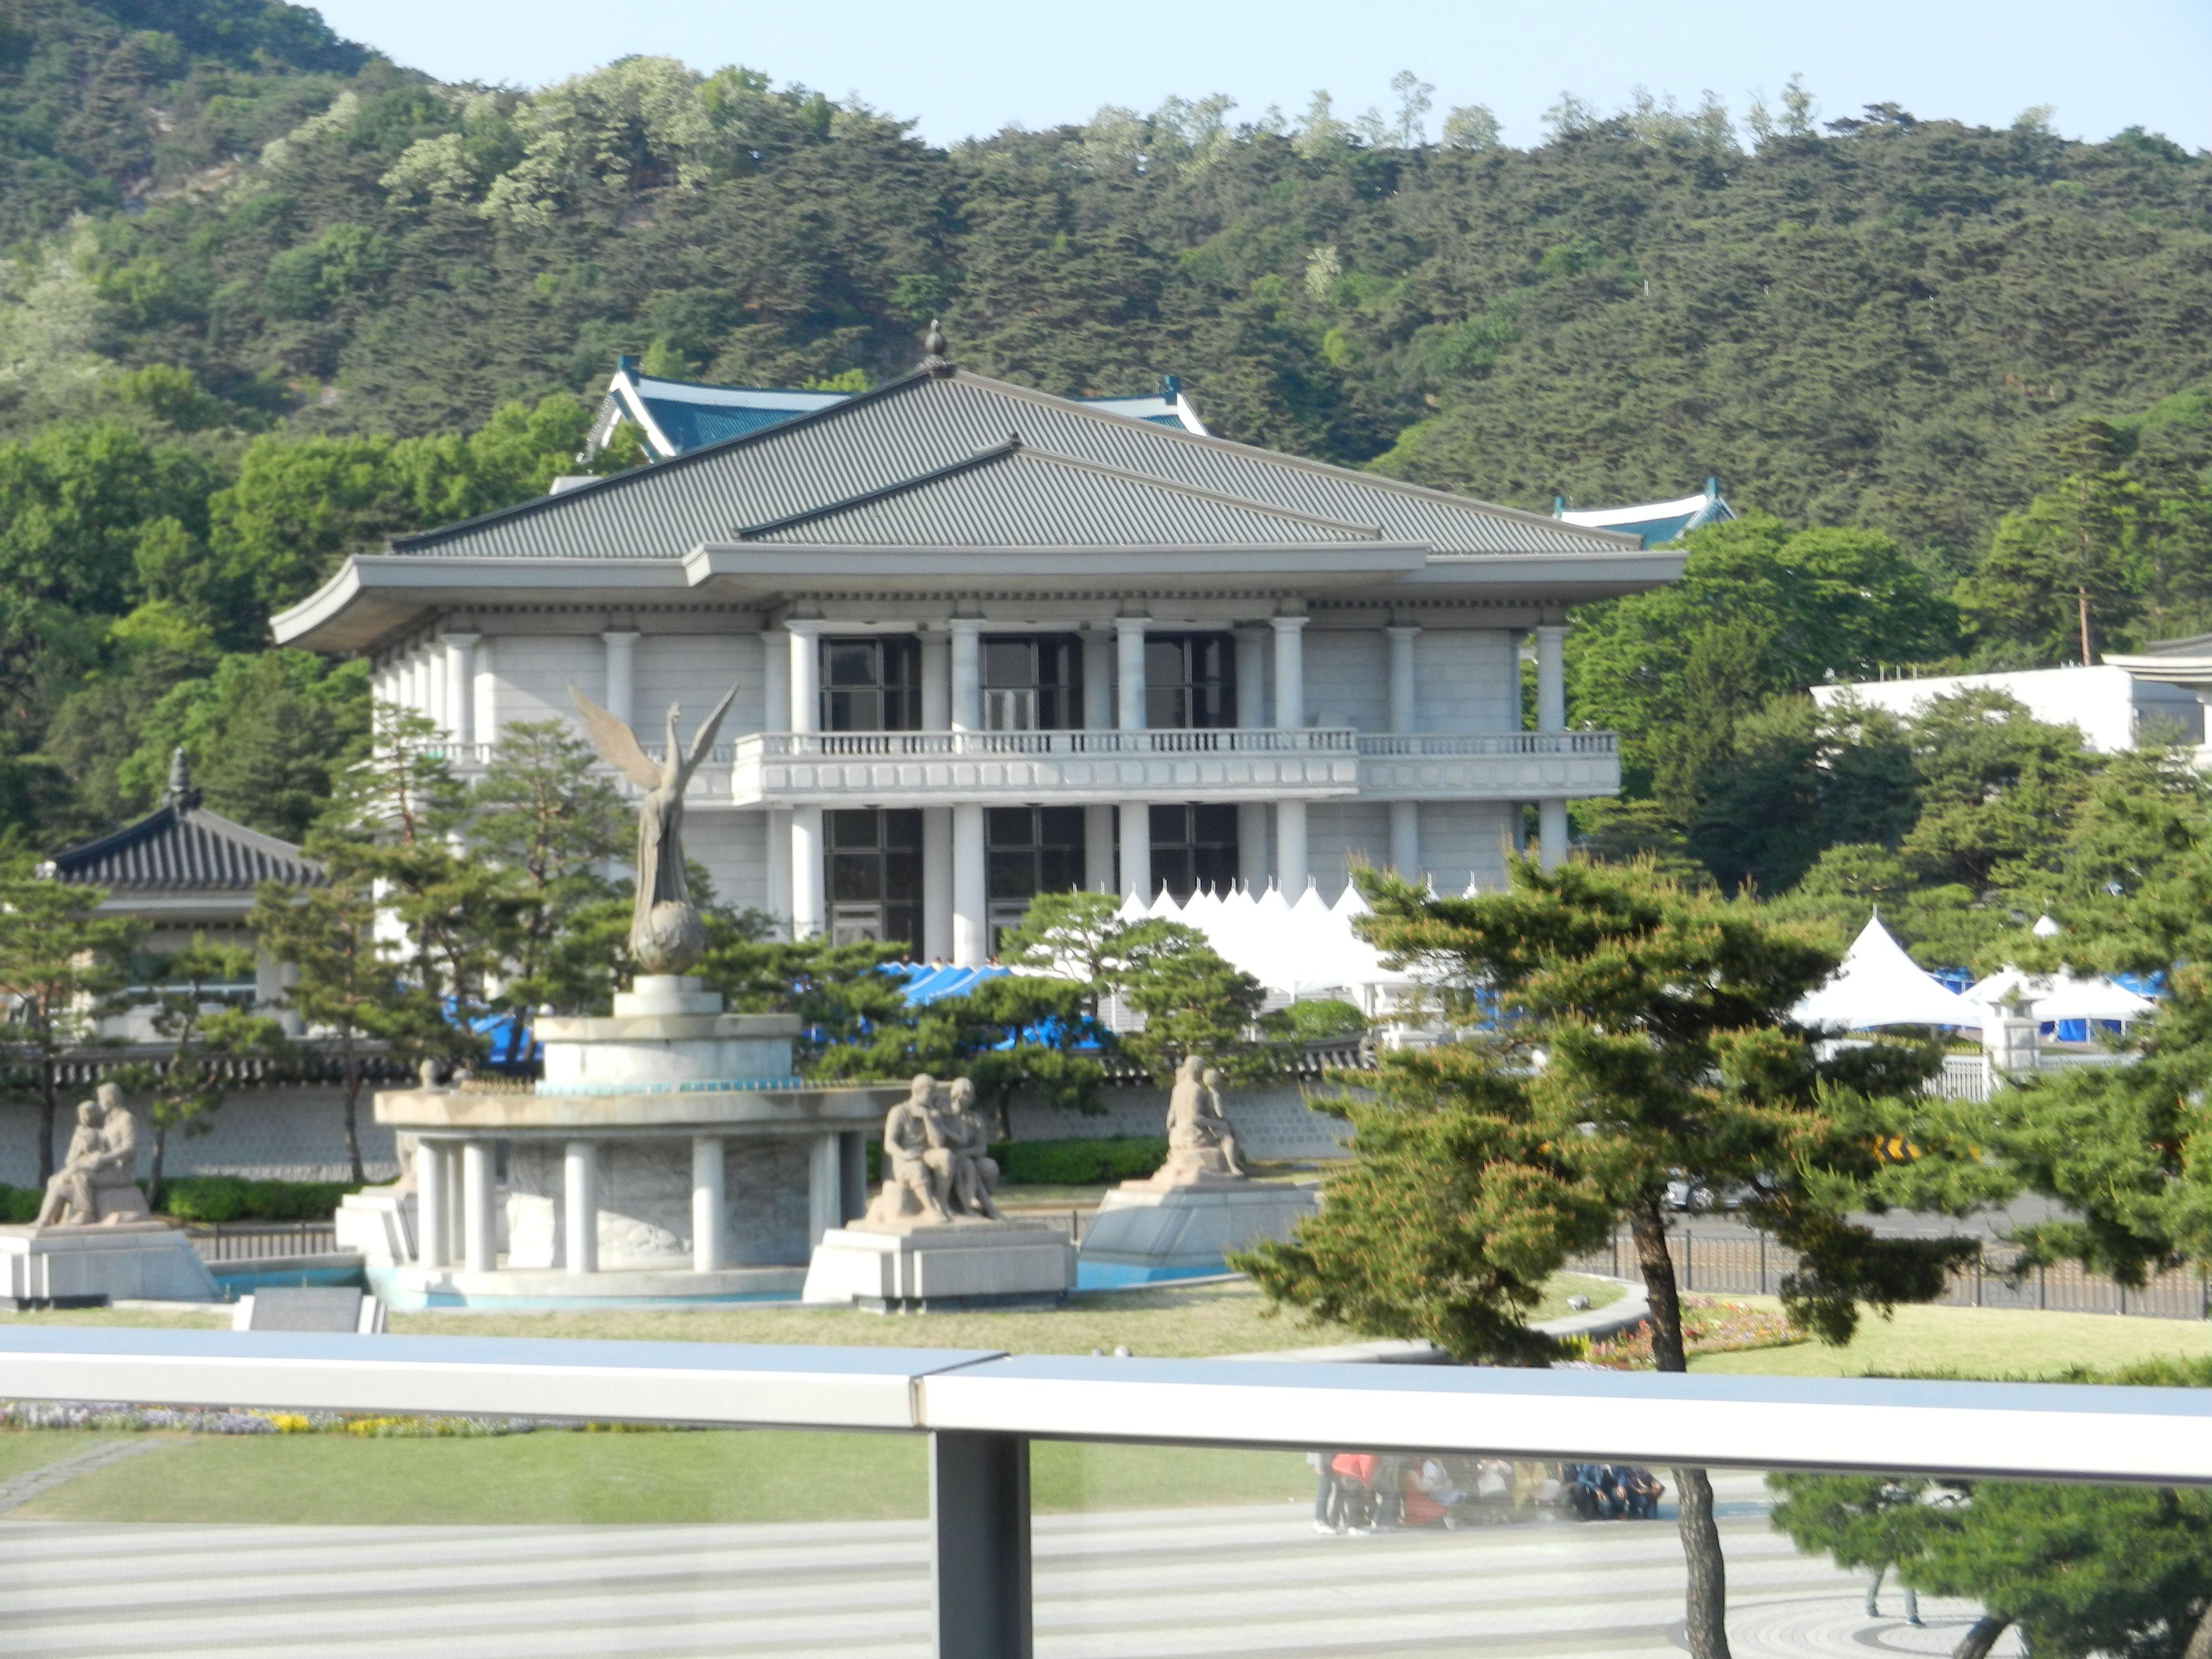 البيت الأزرق Korea_BlueHouse.jpg